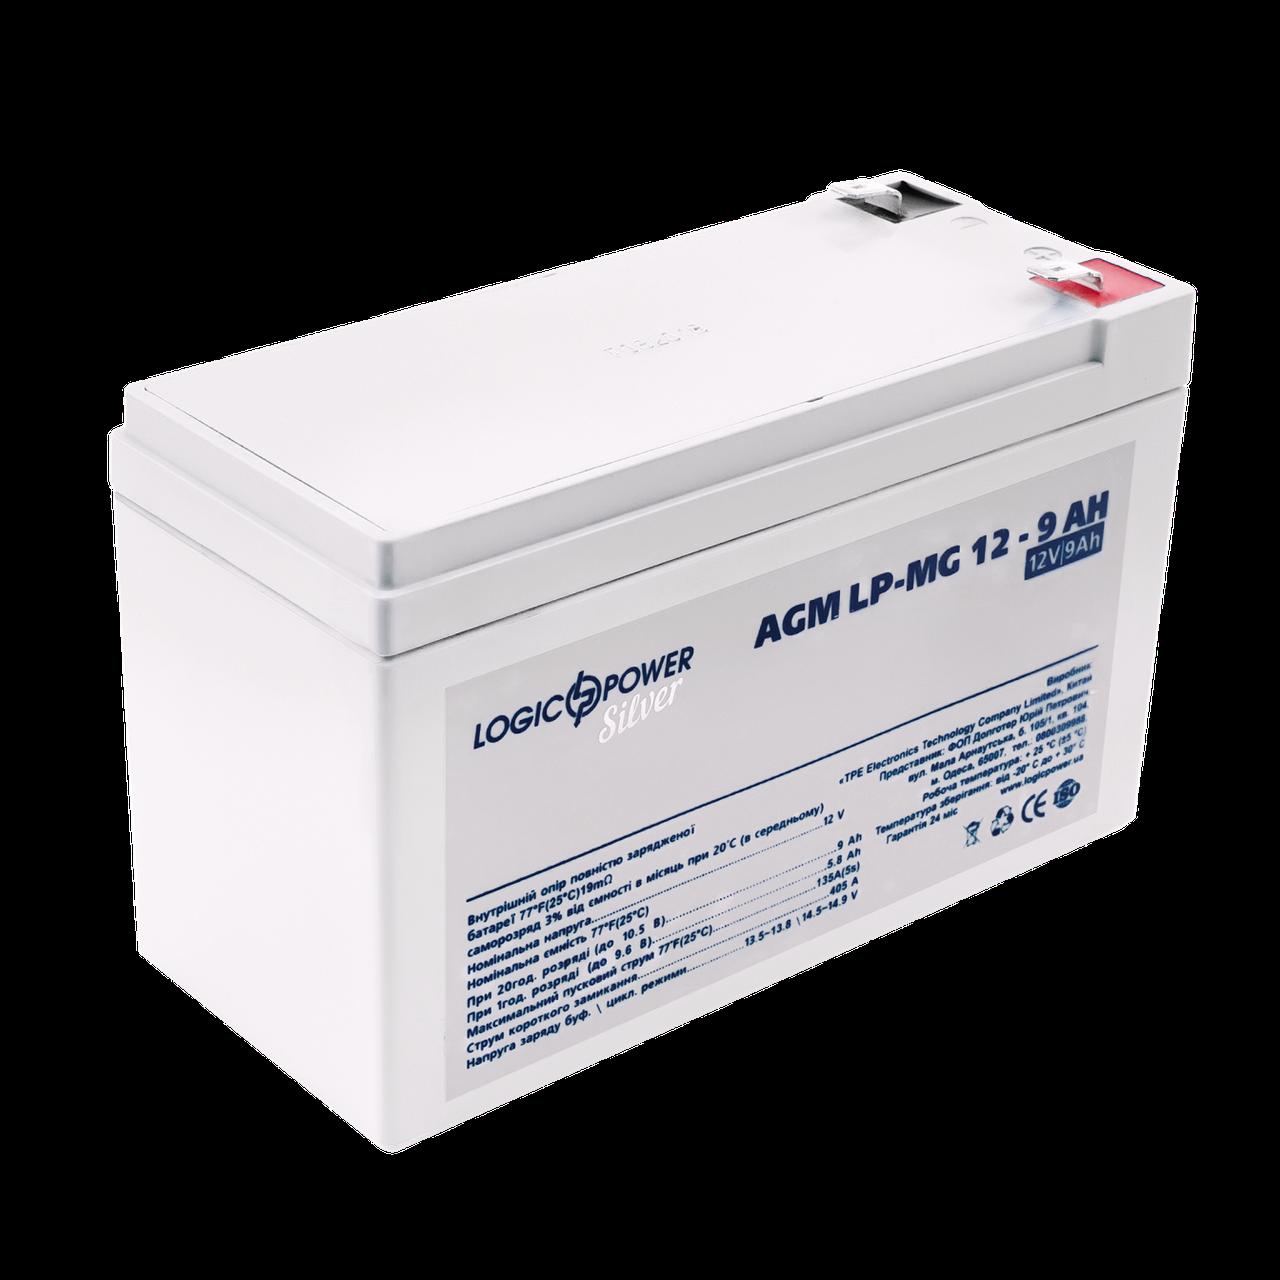 Аккумулятор мультигелевый AGM LogicPower LP-MG 12 - 9 AH